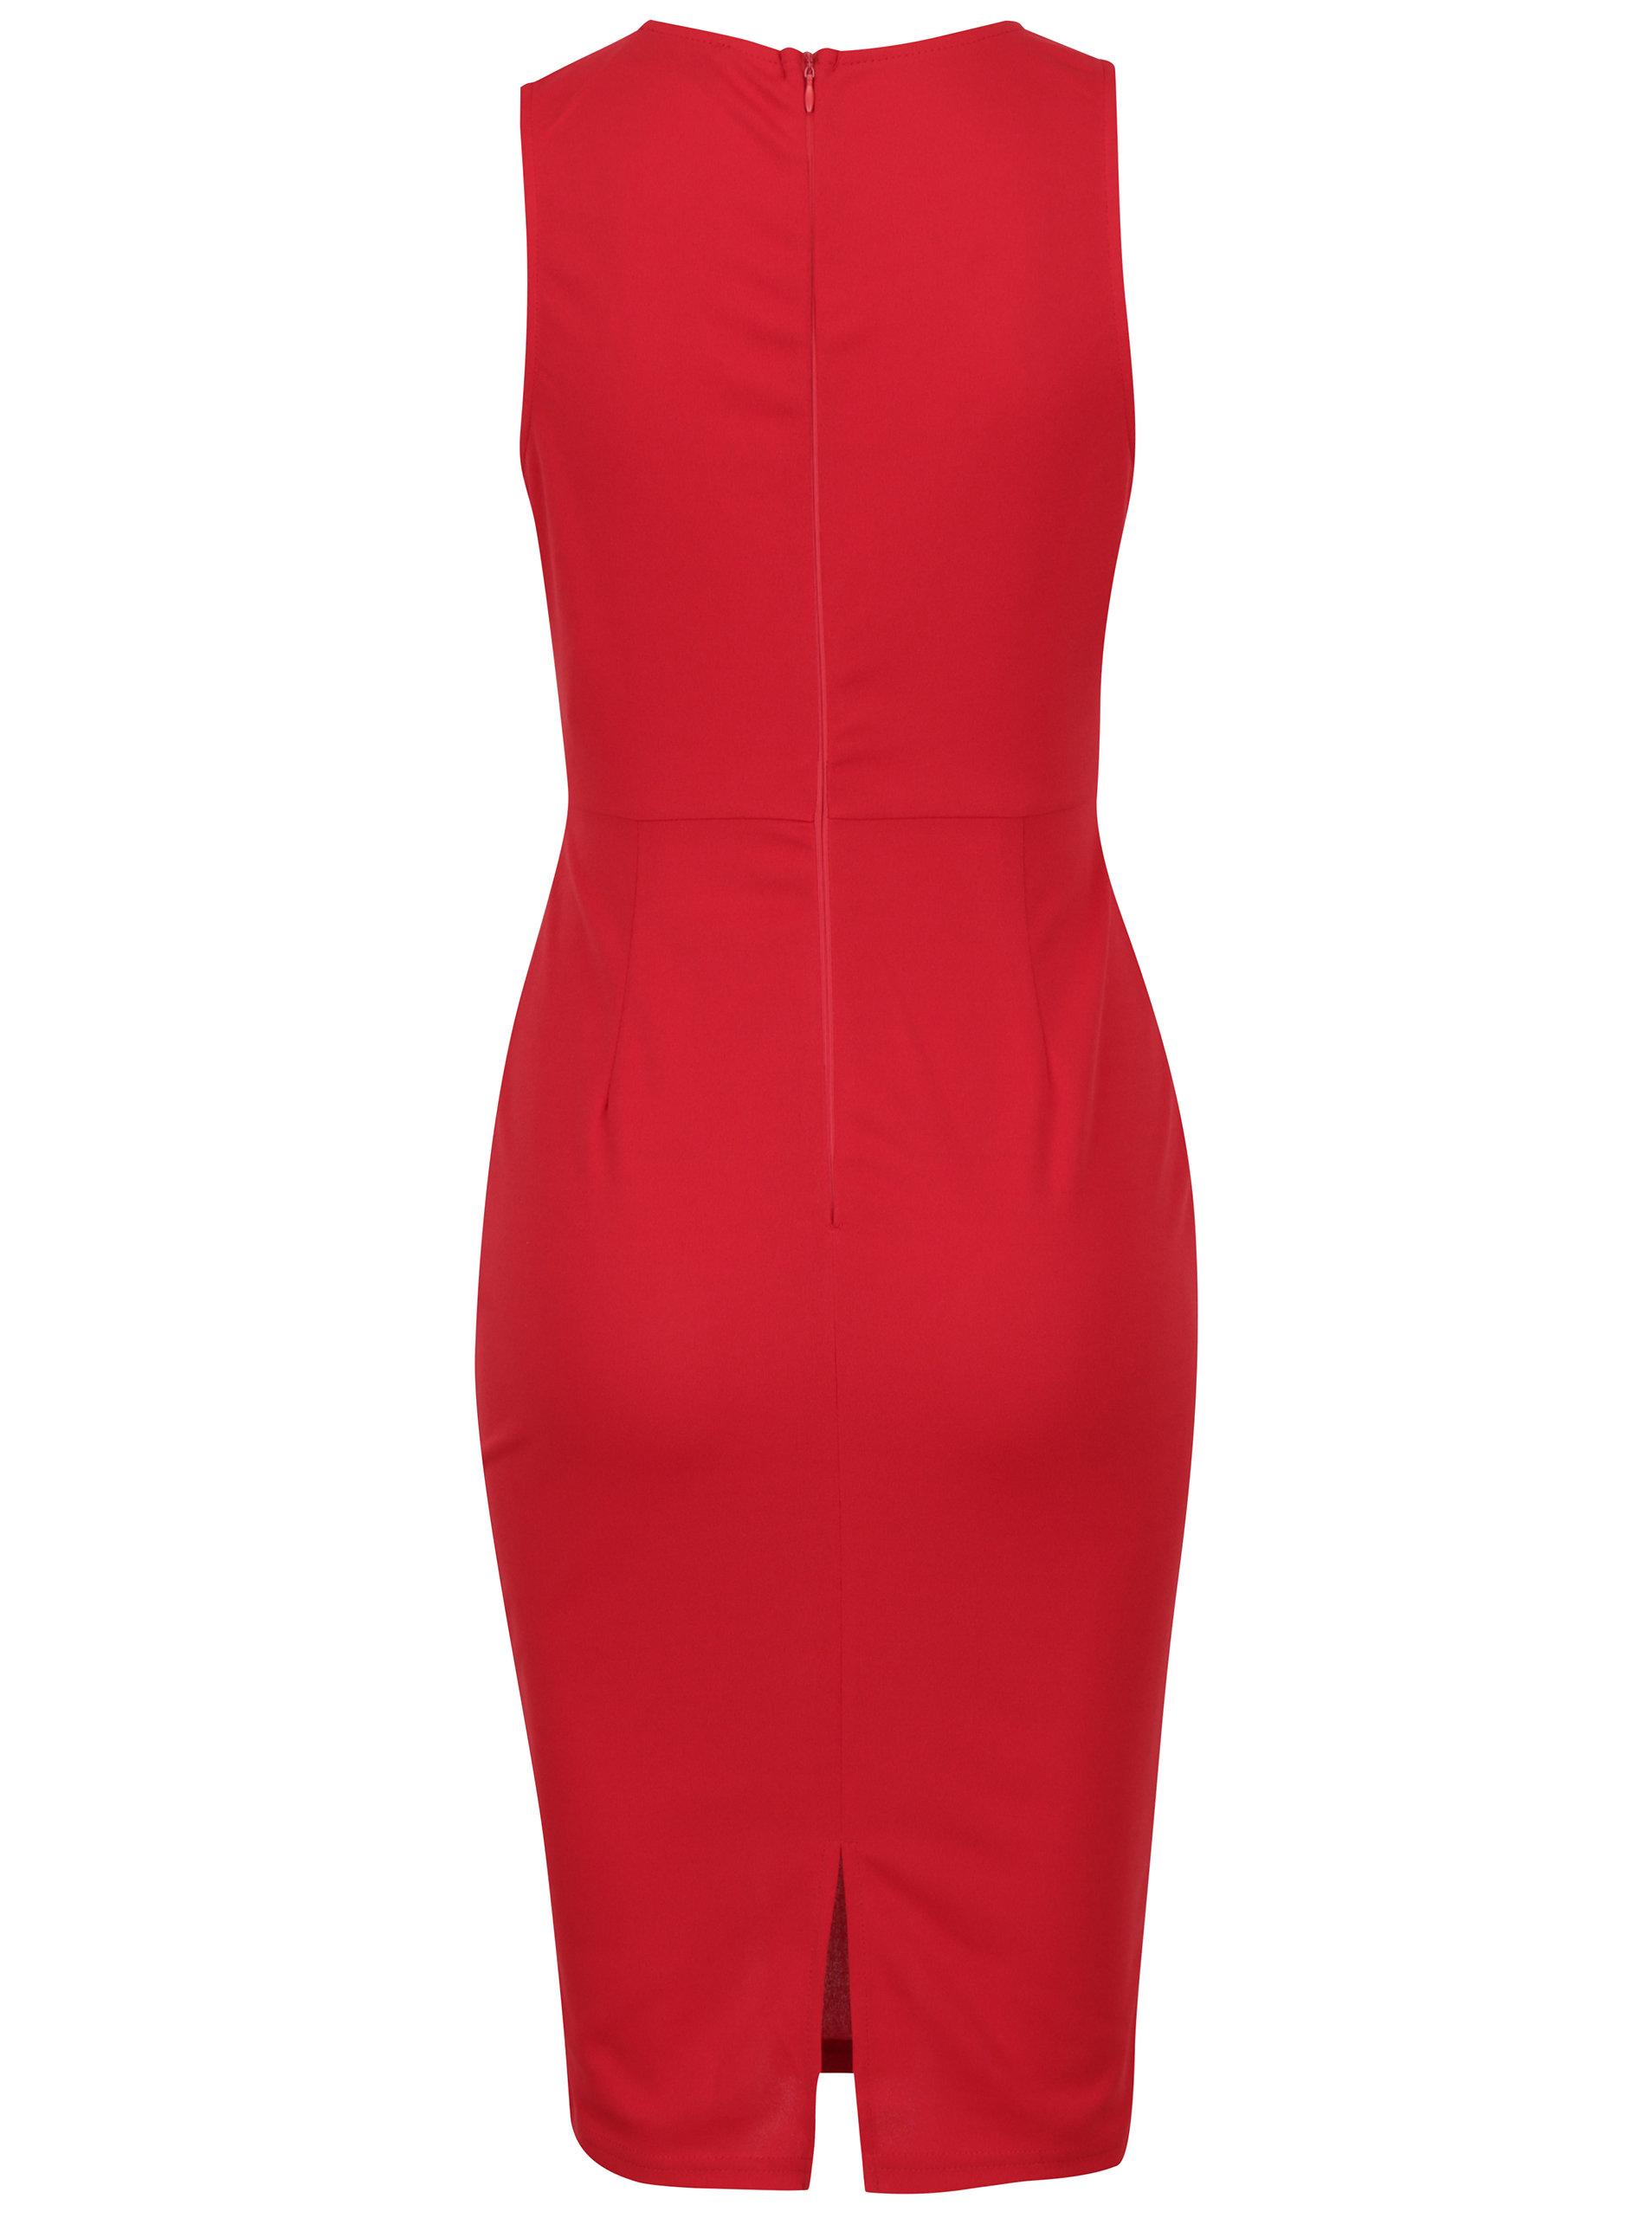 9a2b7d6d9bb7 Červené puzdrové šaty AX Paris ...